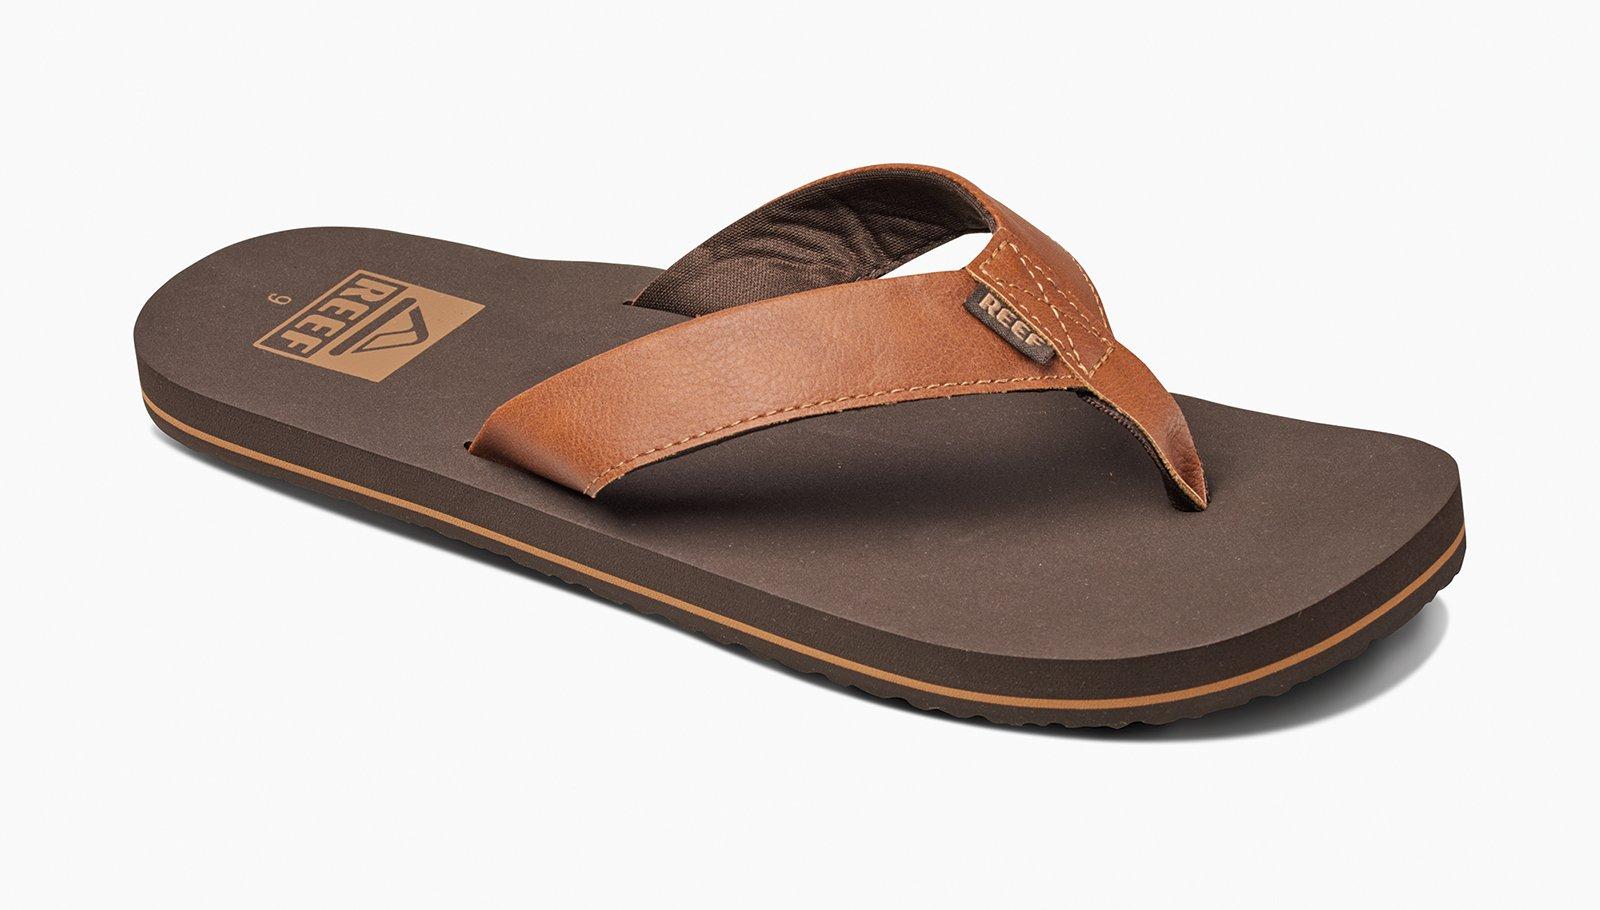 54d6acf5d86f48 Brown Vegan Leather Flip-flops With Eva Soles - Reef Twinpin Brown ...